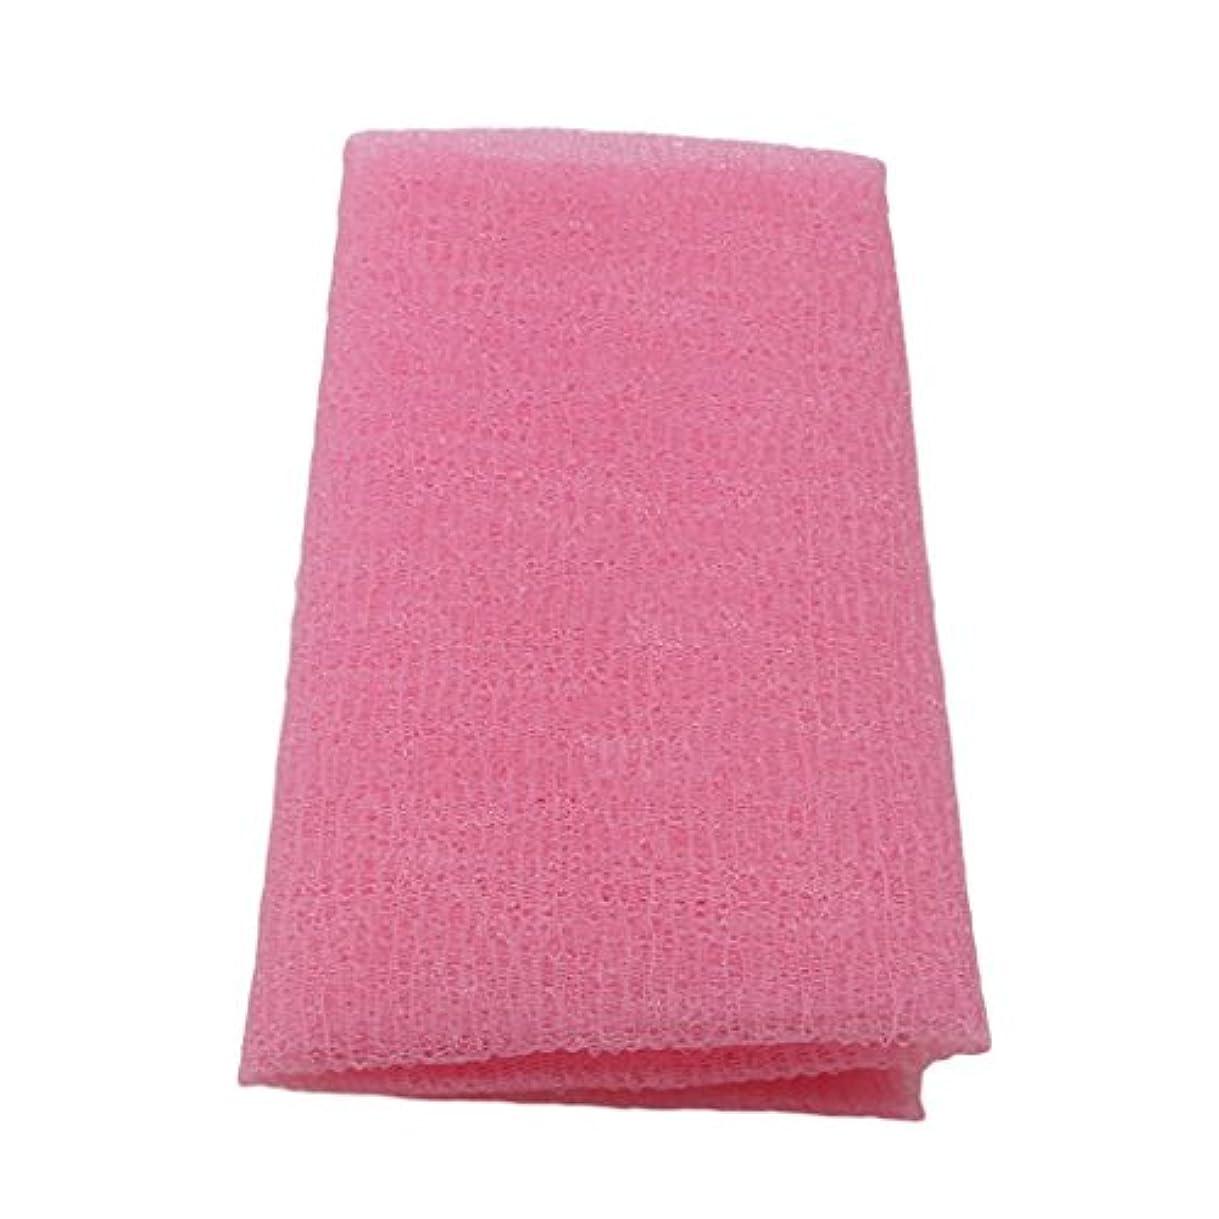 卑しいシュリンクパースMARUIKAO ボディタオル 泡しゃり ナイロン ロング 固め ピンク